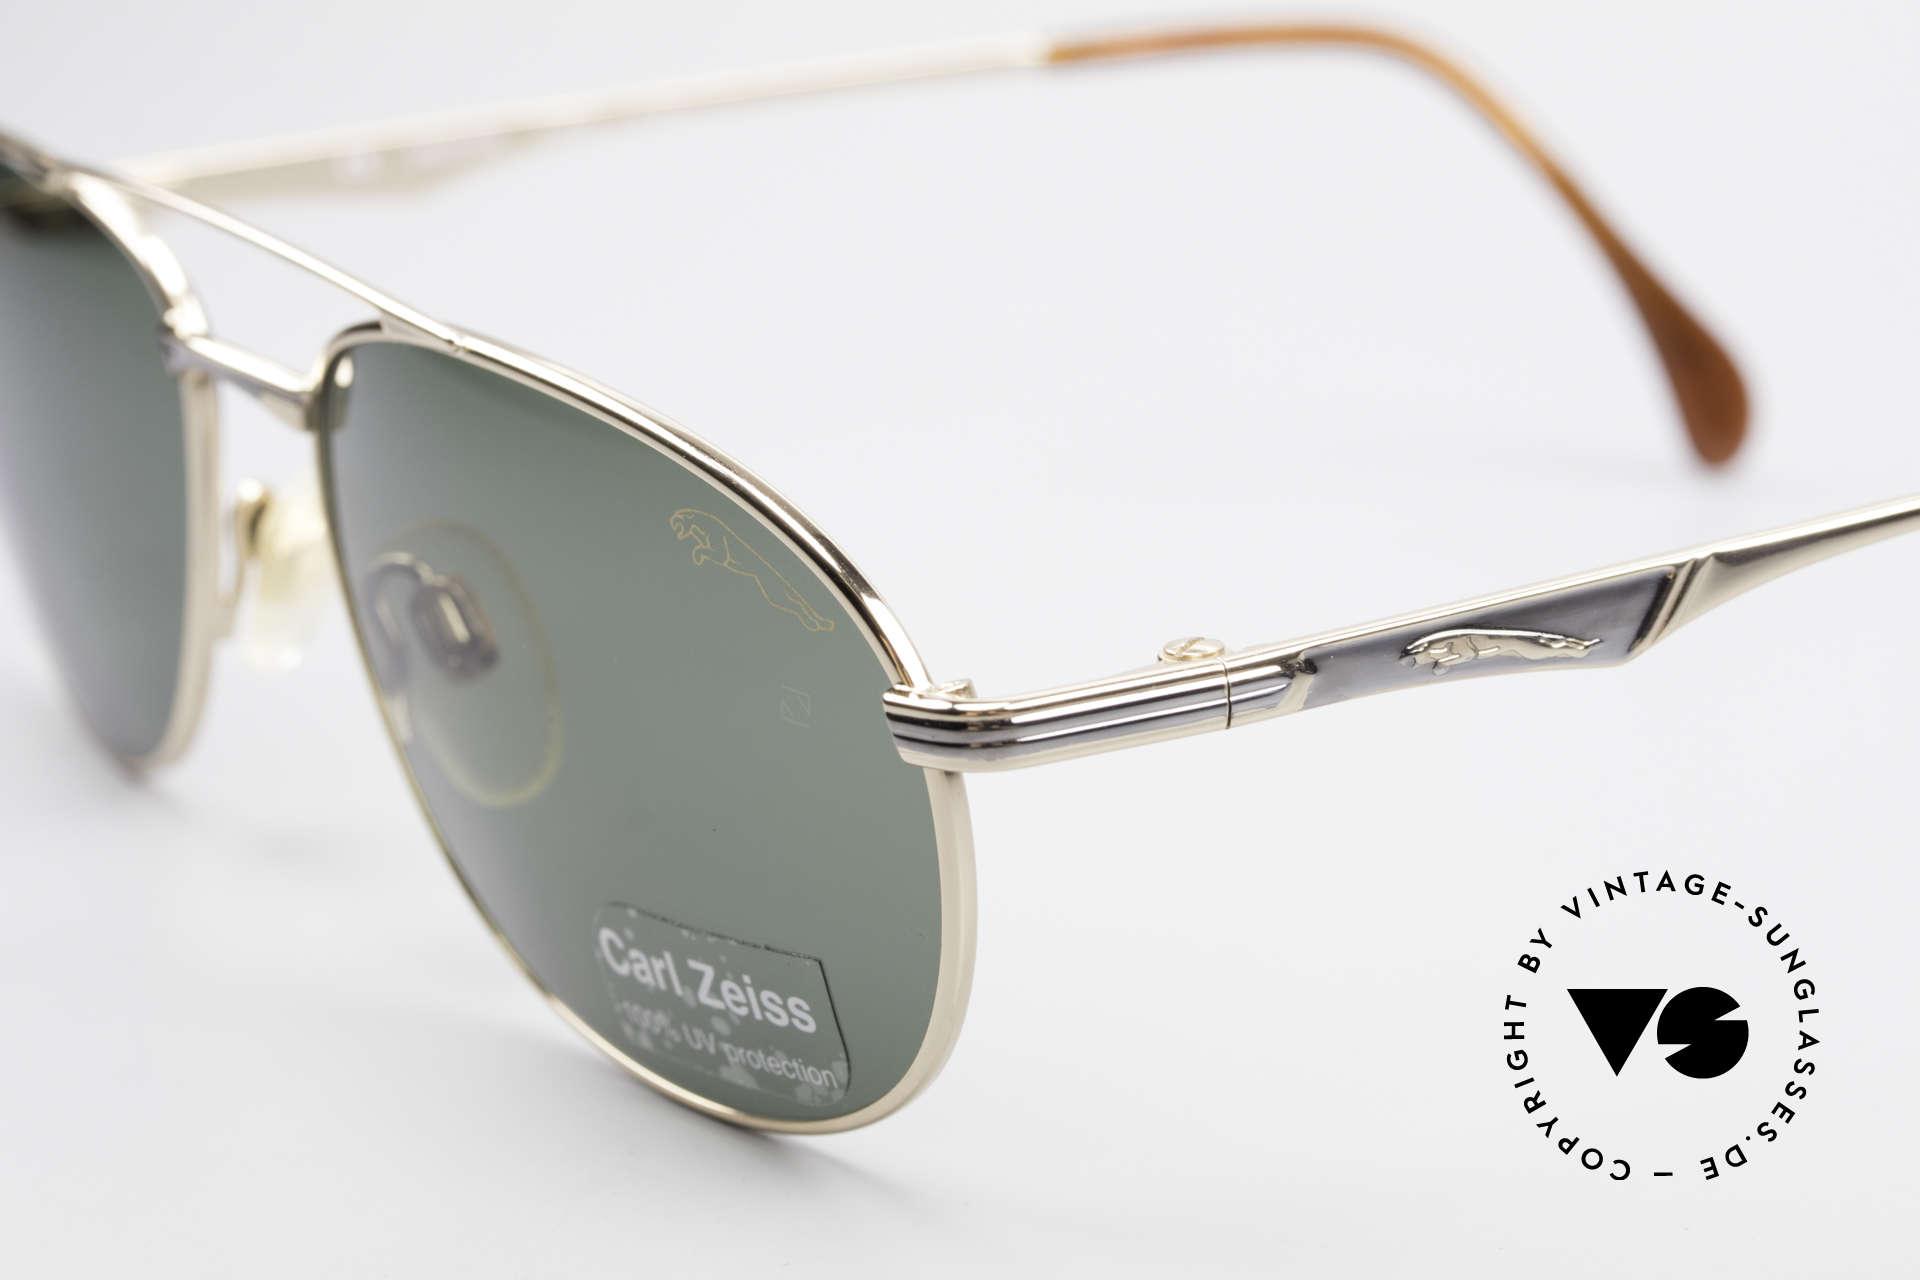 Jaguar 3709 Rare Vintage Sunglasses 90's, green Zeiss sun lenses (100% UV) with JAGUAR logo, Made for Men